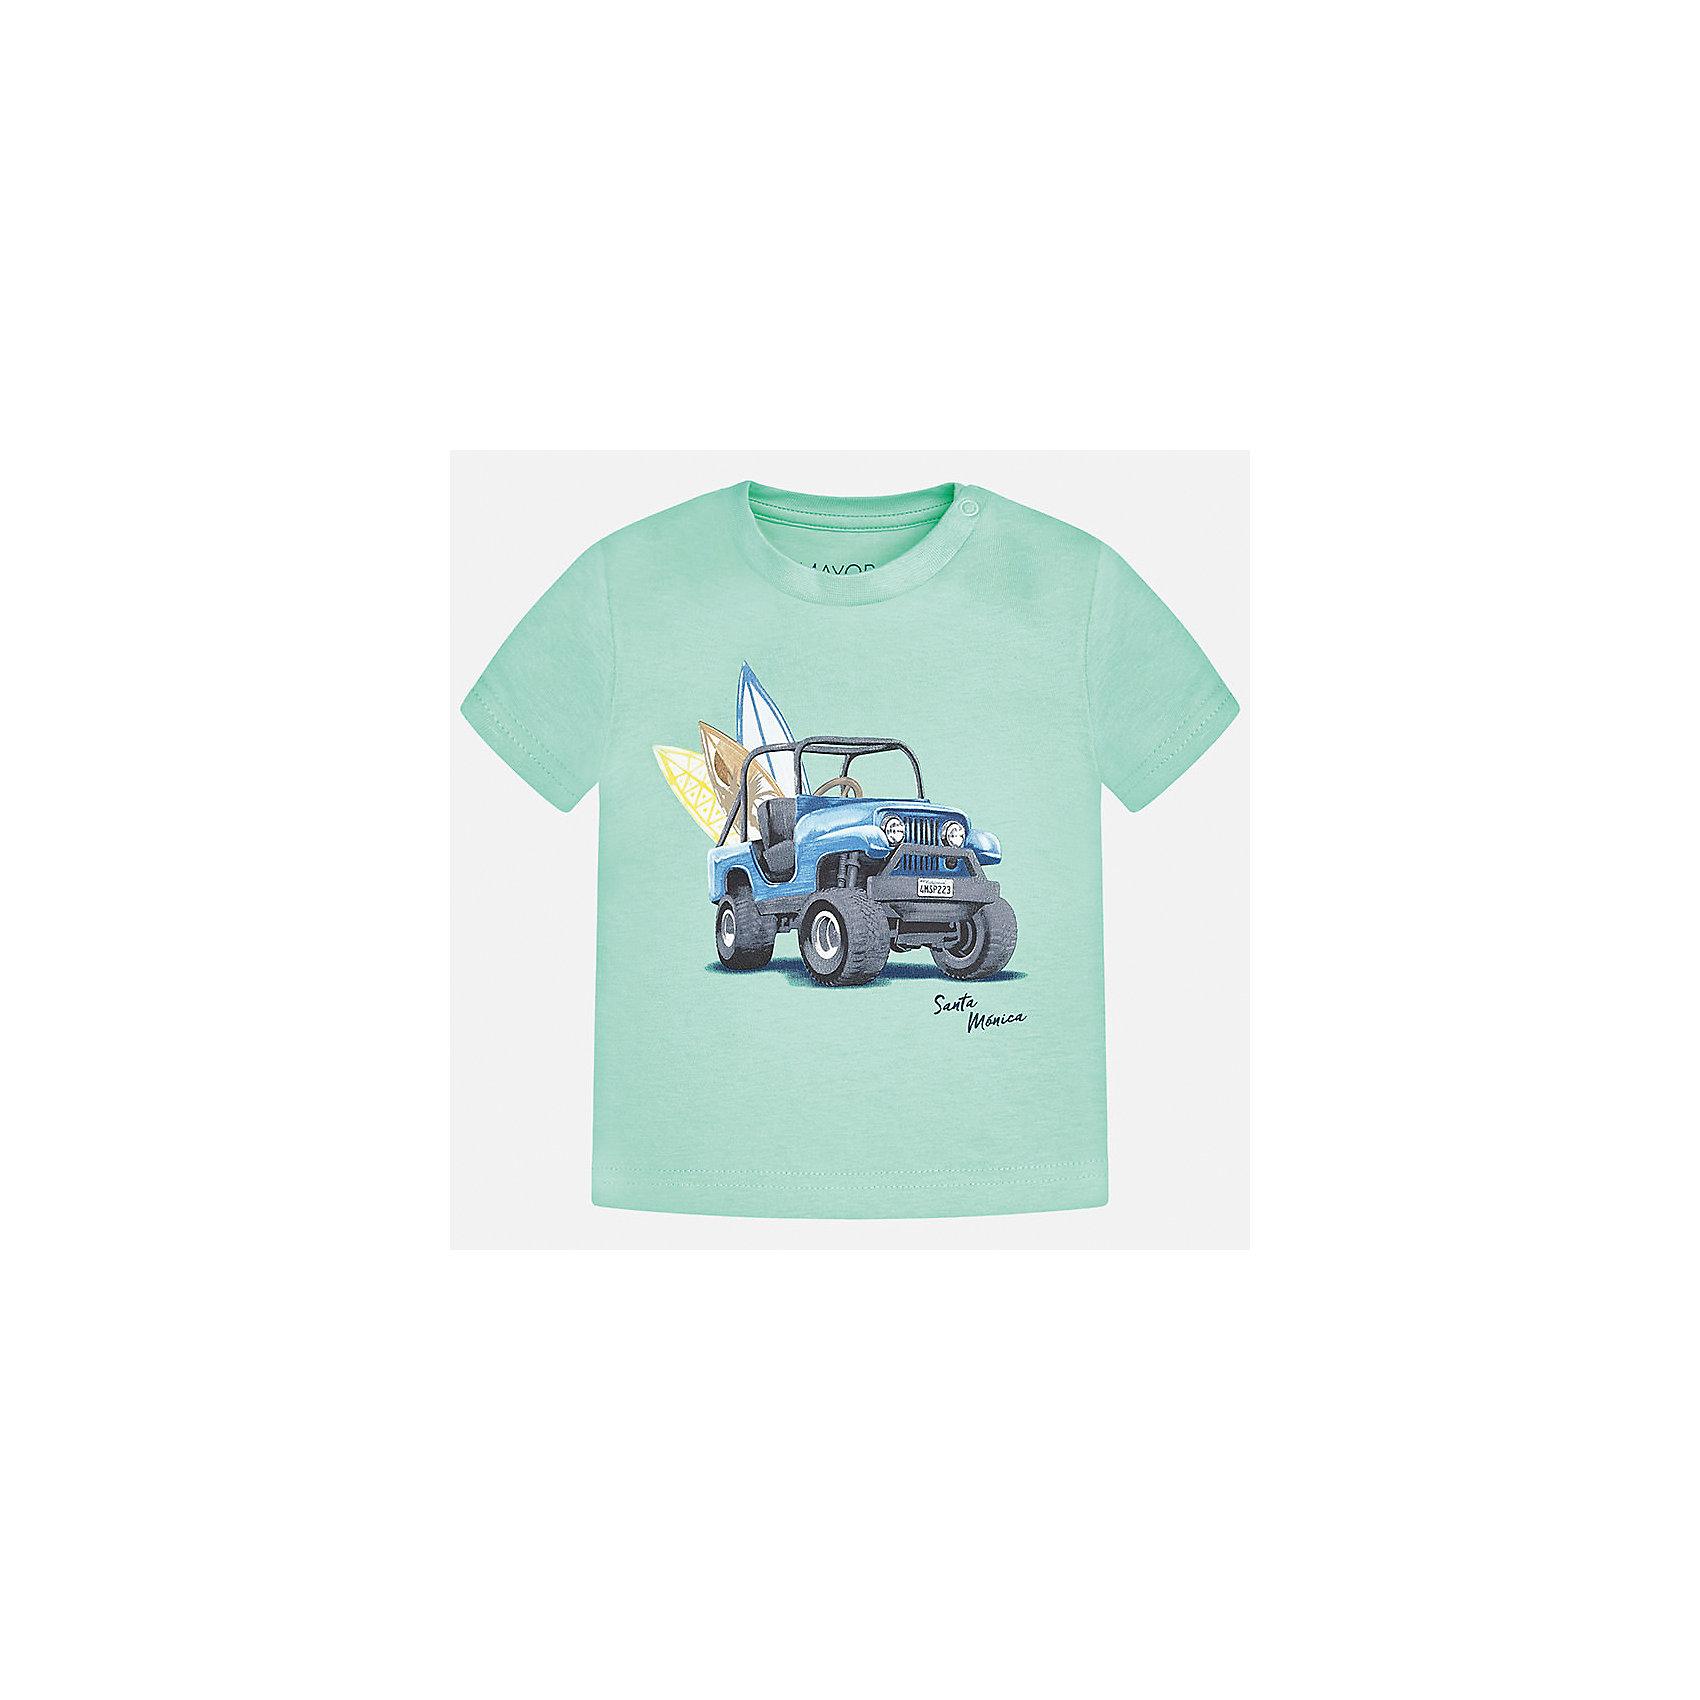 Футболка для мальчика MayoralФутболки, поло и топы<br>Характеристики товара:<br><br>• цвет: мятный<br>• состав: 100% хлопок<br>• круглый горловой вырез<br>• декорирована принтом<br>• короткие рукава<br>• мягкая отделка горловины<br>• страна бренда: Испания<br><br>Красивая хлопковая футболка с принтом поможет разнообразить гардероб мальчика. Она отлично сочетается с брюками, шортами, джинсами. Универсальный крой и цвет позволяет подобрать к вещи низ разных расцветок. Практичное и стильное изделие! Хорошо смотрится и комфортно сидит на детях. В составе материала - только натуральный хлопок, гипоаллергенный, приятный на ощупь, дышащий. <br><br>Одежда, обувь и аксессуары от испанского бренда Mayoral полюбились детям и взрослым по всему миру. Модели этой марки - стильные и удобные. Для их производства используются только безопасные, качественные материалы и фурнитура. Порадуйте ребенка модными и красивыми вещами от Mayoral! <br><br>Футболку для мальчика от испанского бренда Mayoral (Майорал) можно купить в нашем интернет-магазине.<br><br>Ширина мм: 199<br>Глубина мм: 10<br>Высота мм: 161<br>Вес г: 151<br>Цвет: зеленый<br>Возраст от месяцев: 18<br>Возраст до месяцев: 24<br>Пол: Мужской<br>Возраст: Детский<br>Размер: 92,80,86<br>SKU: 5278493